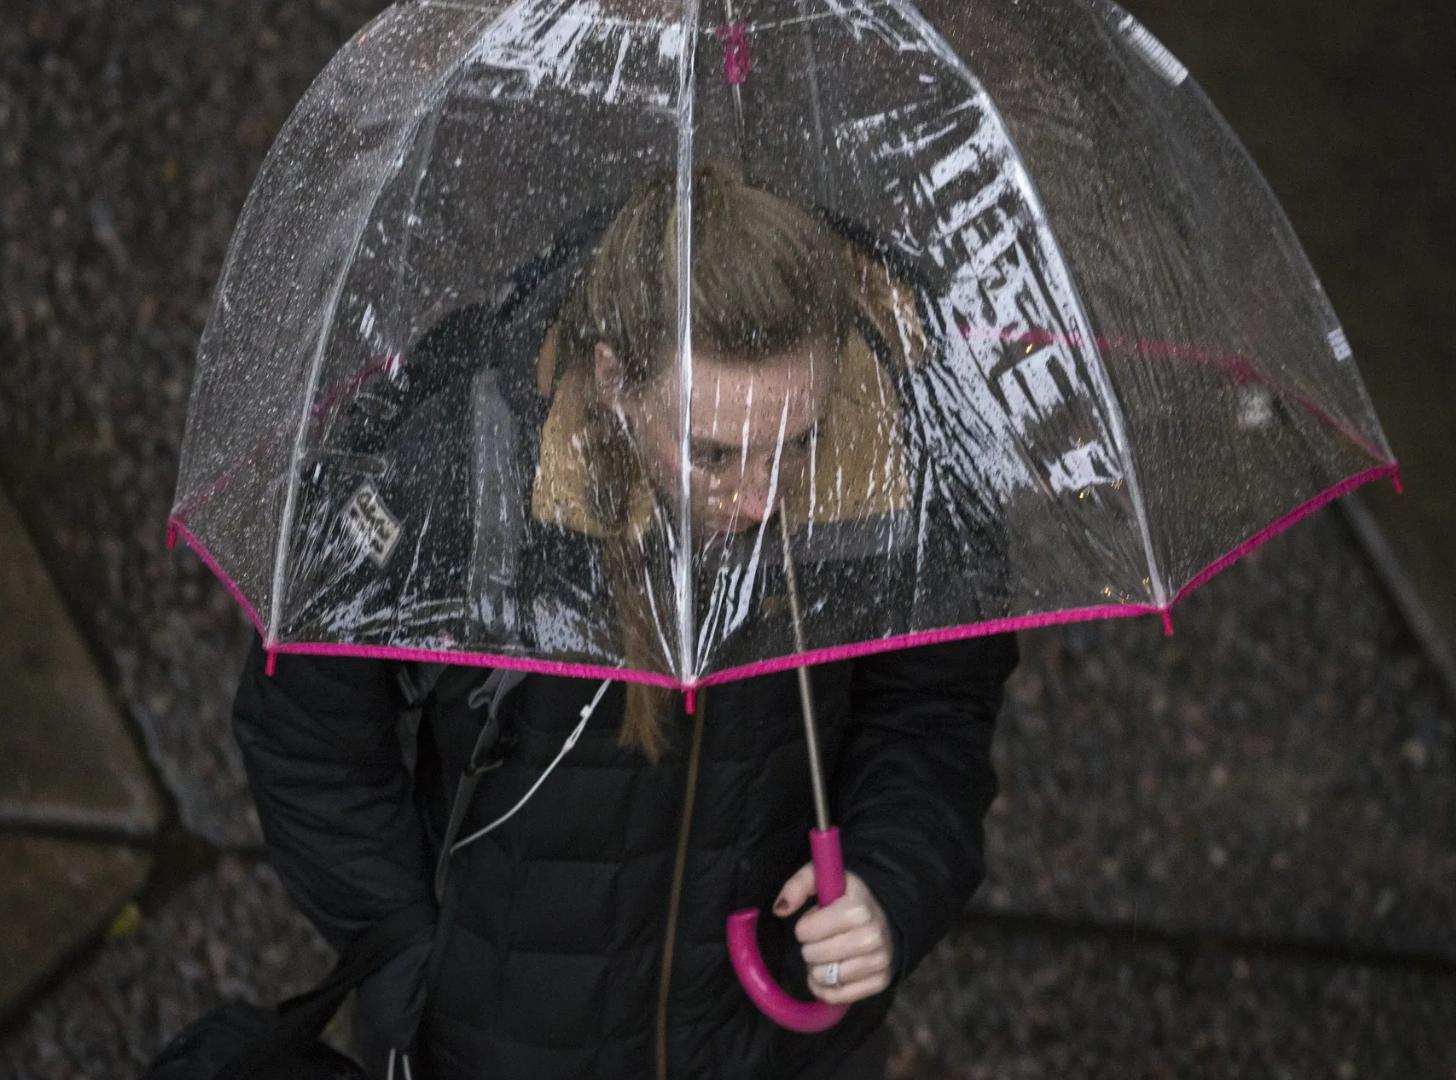 Gente se protege de la lluvia el 21 de febrero, 2019, en centro de Phoenix y Tempe, Arizona.